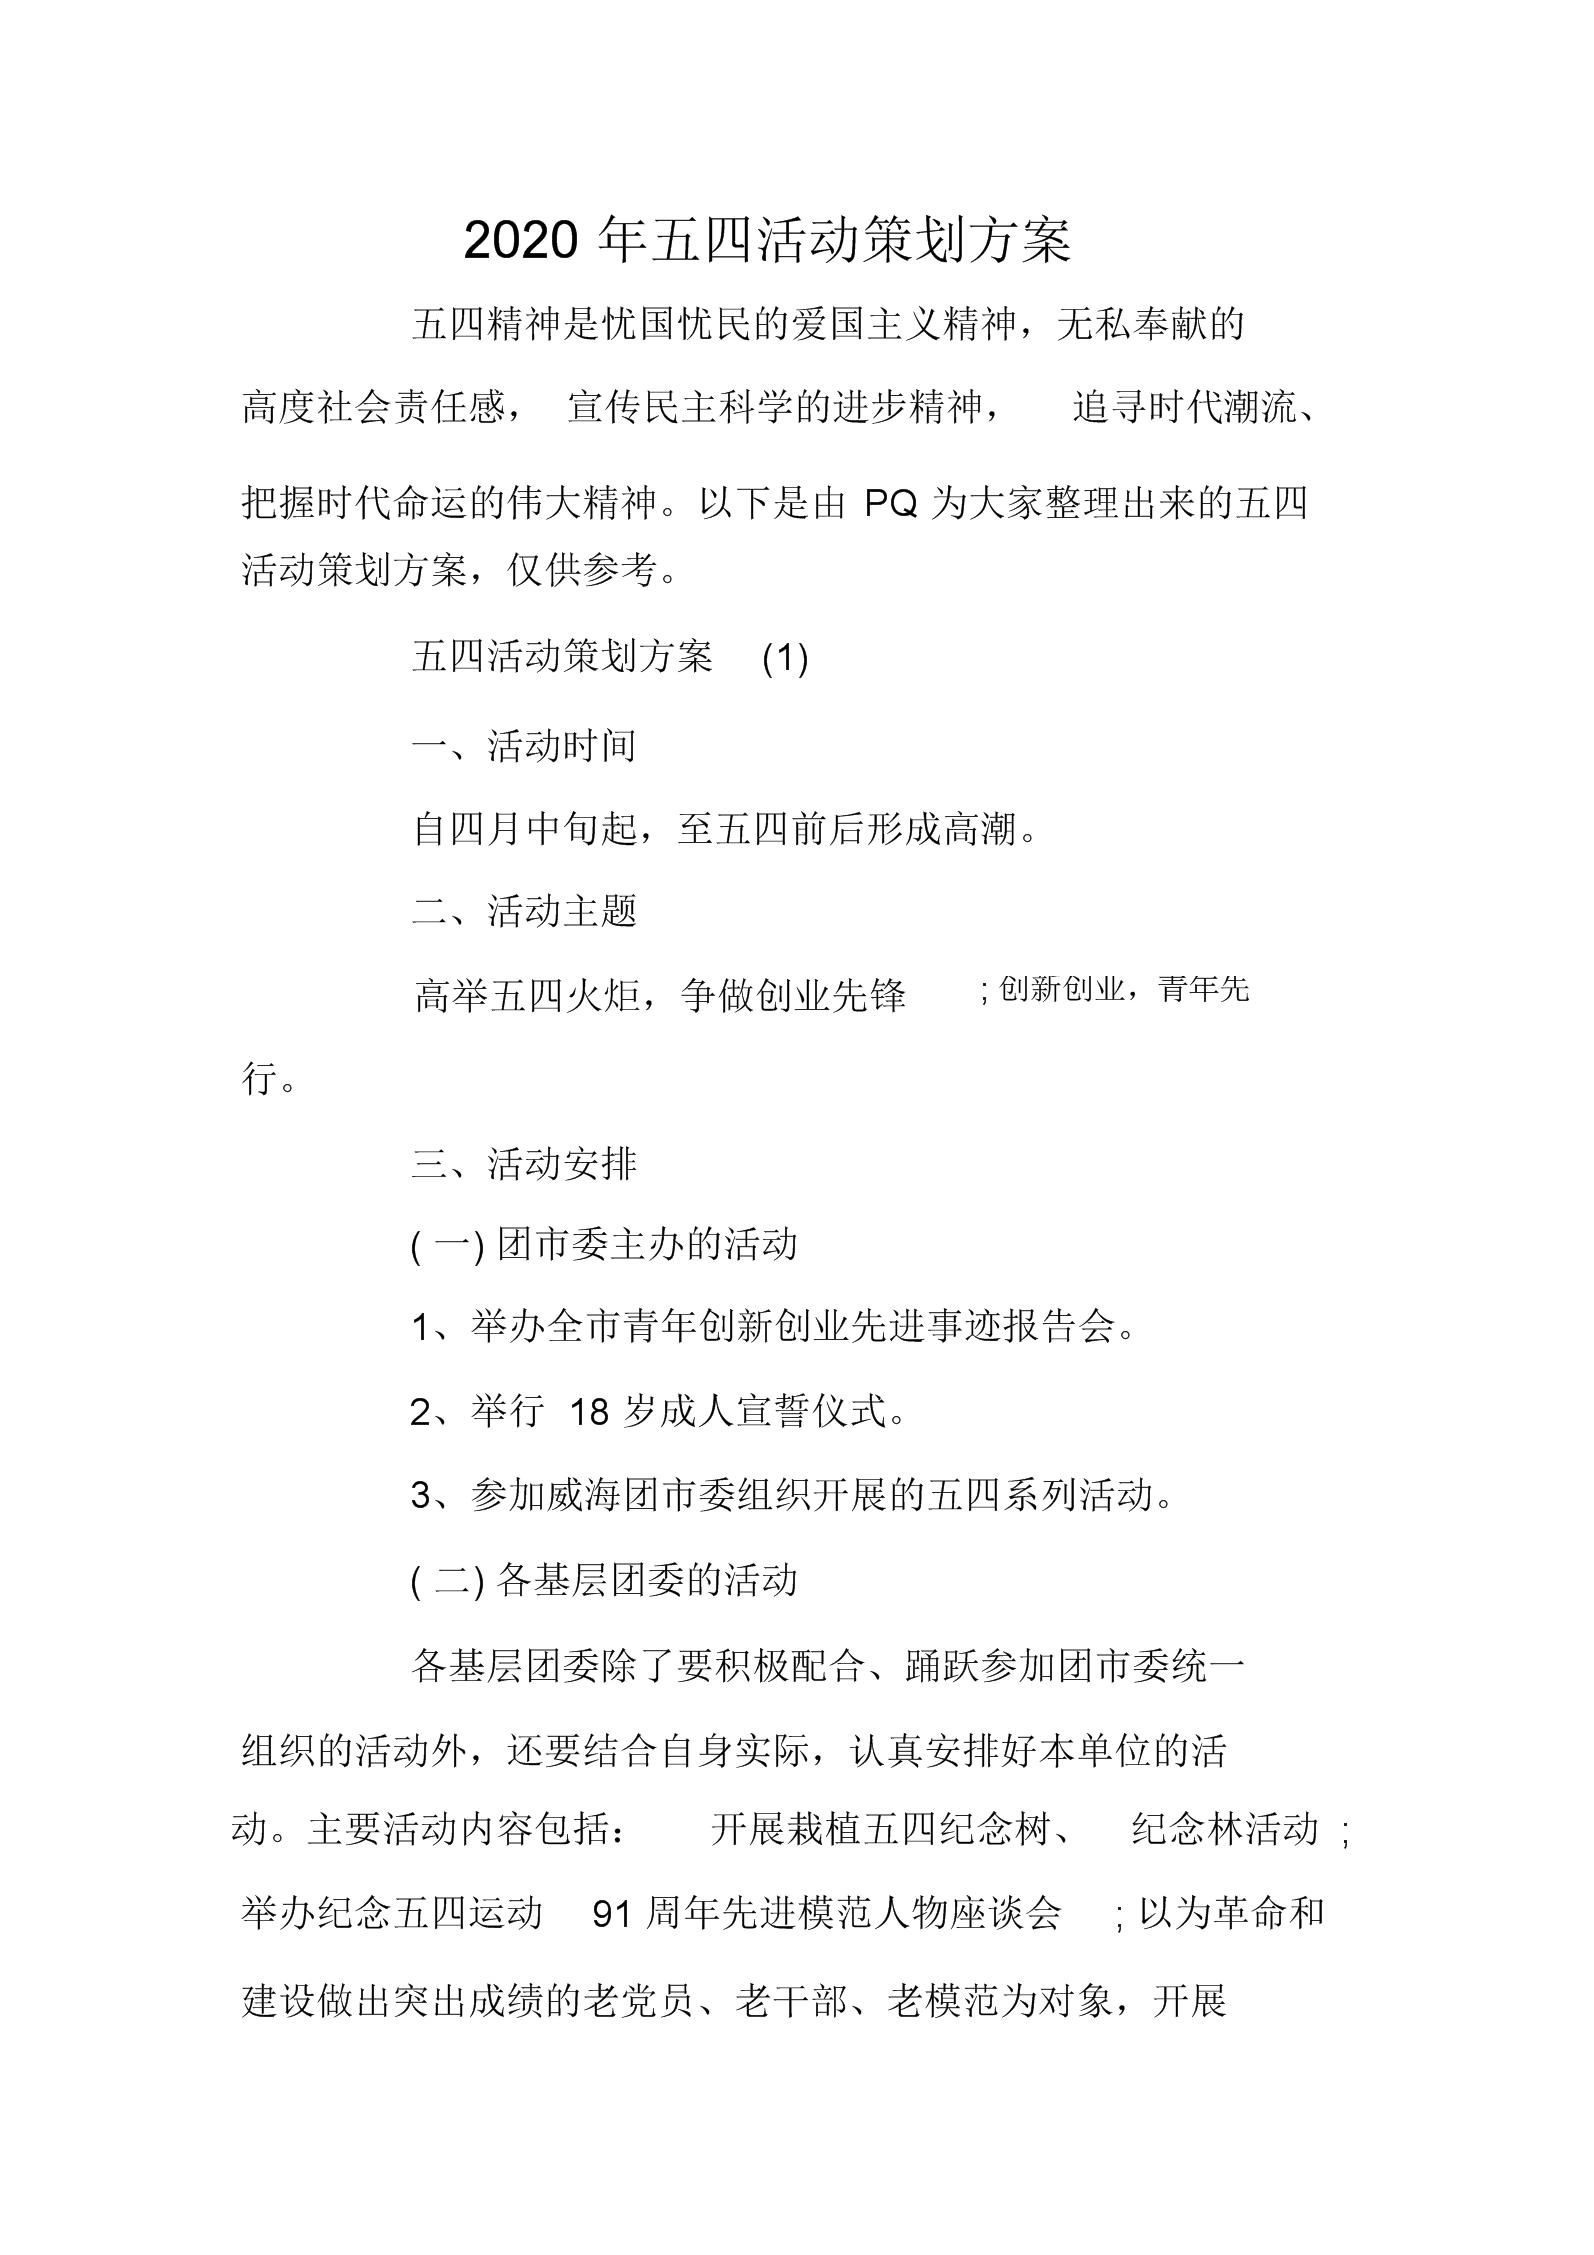 五四活动策划实施方案.docx